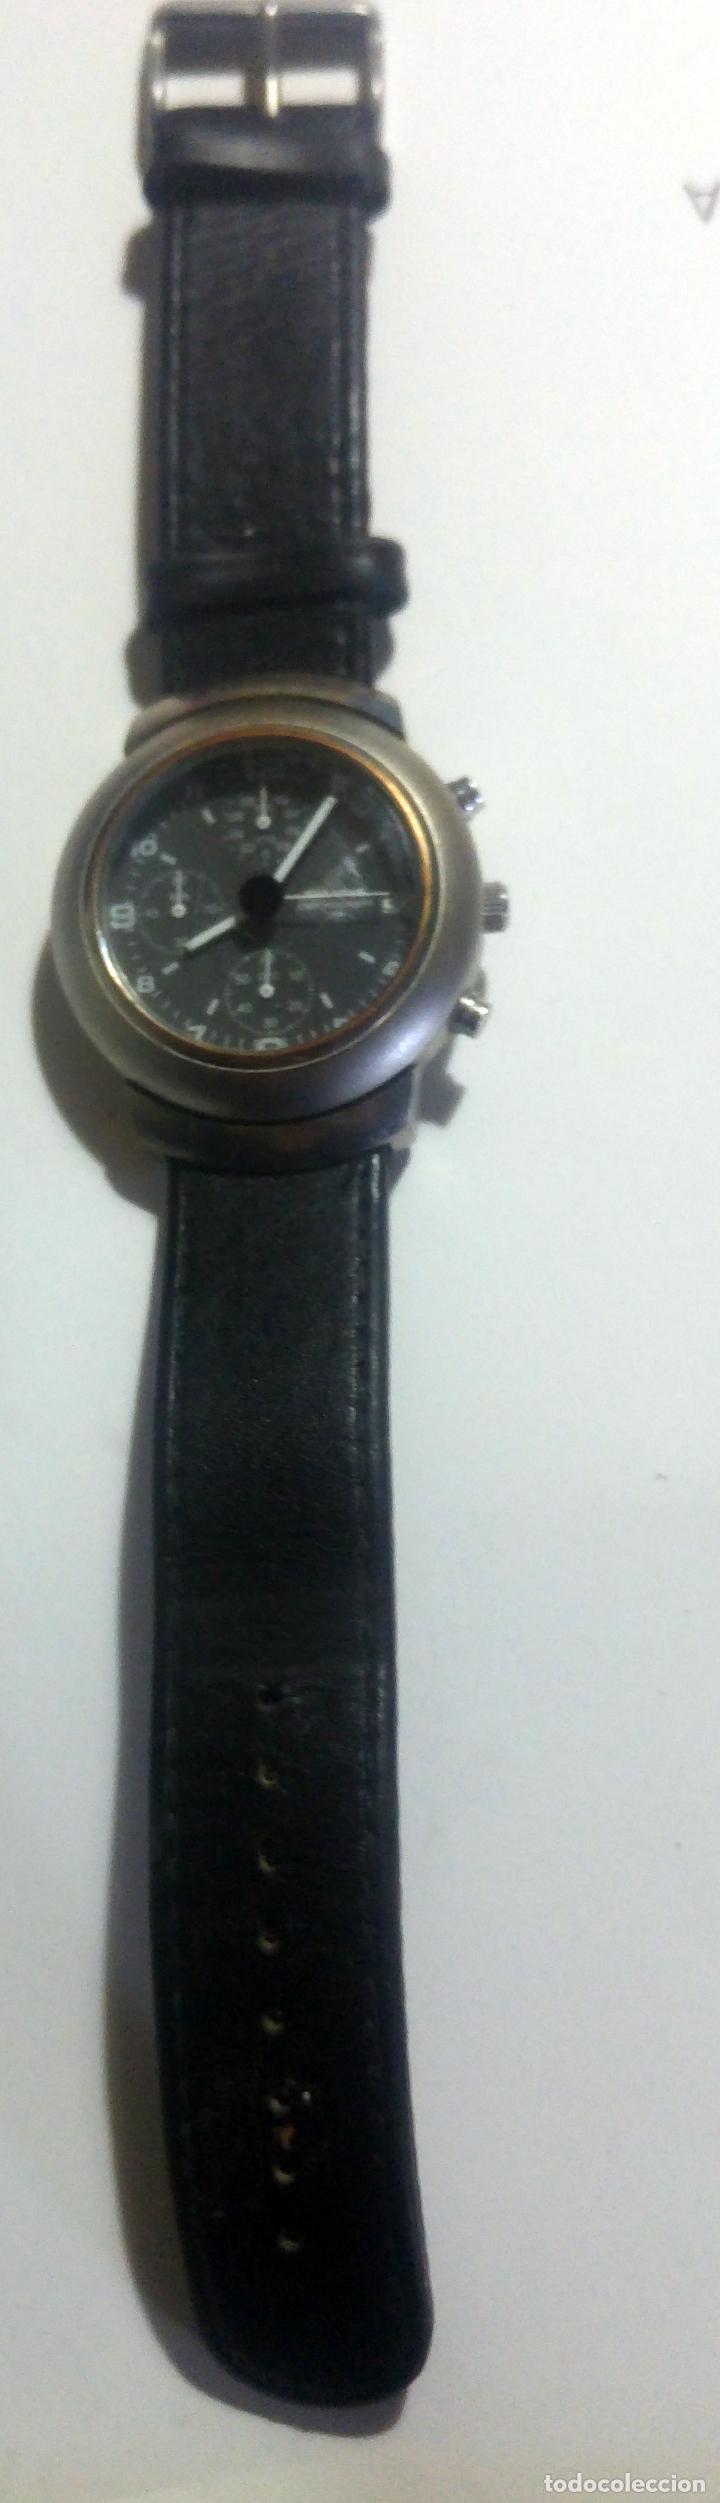 Relojes: Reloj TWINS- Cronógrafo Serie 02/2005 07-1414 - Foto 2 - 194531581